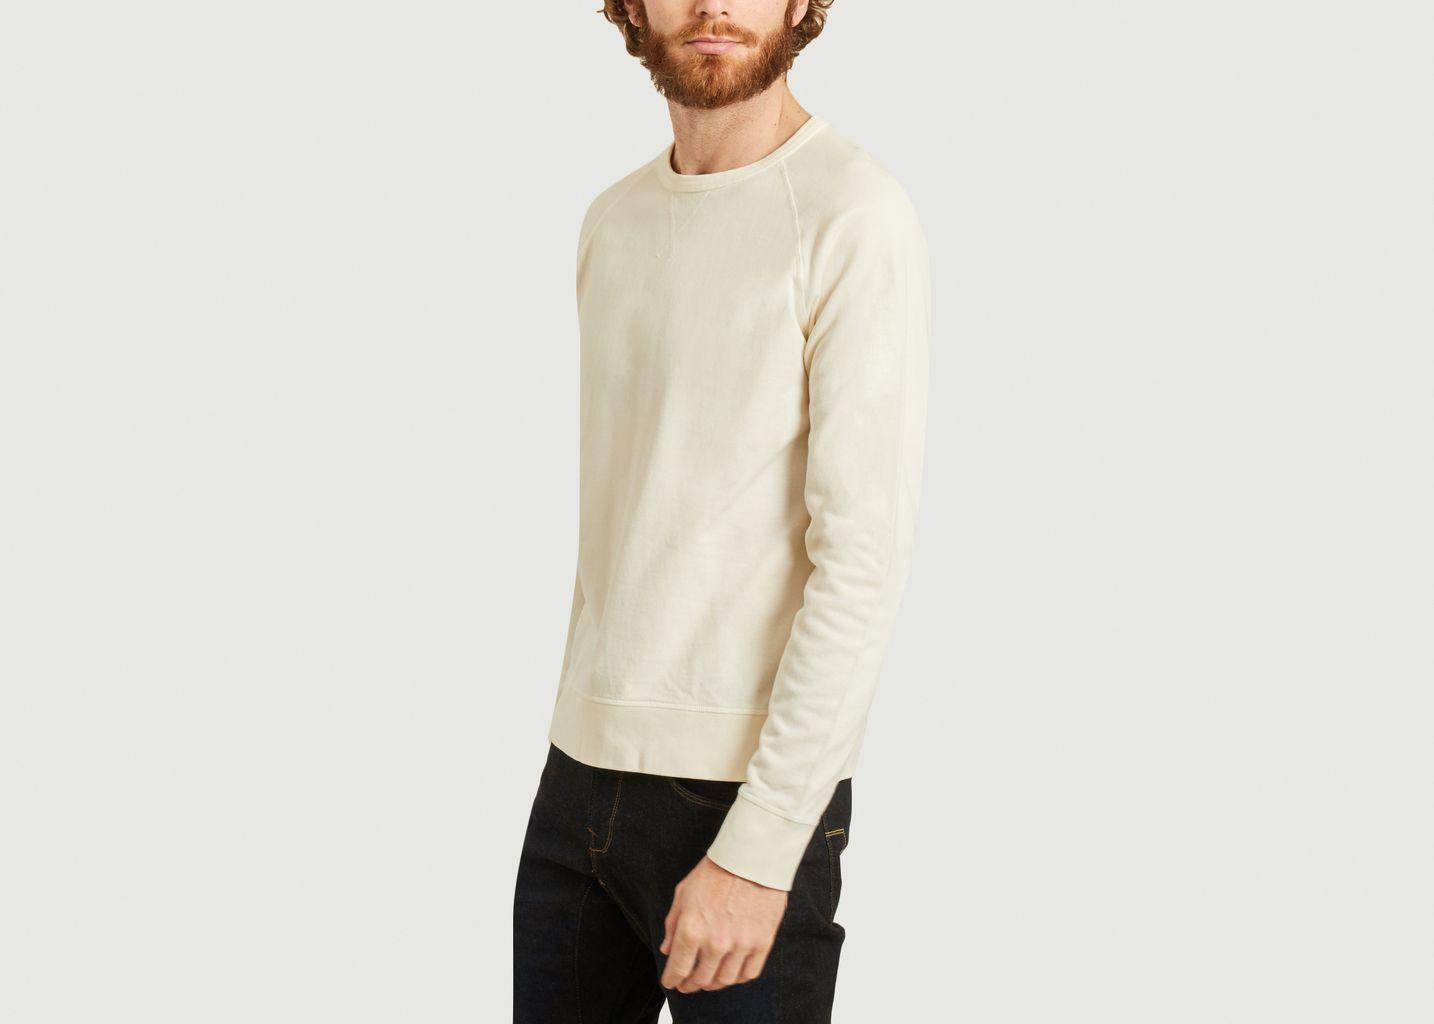 Sweatshirt Clément - Officine Générale